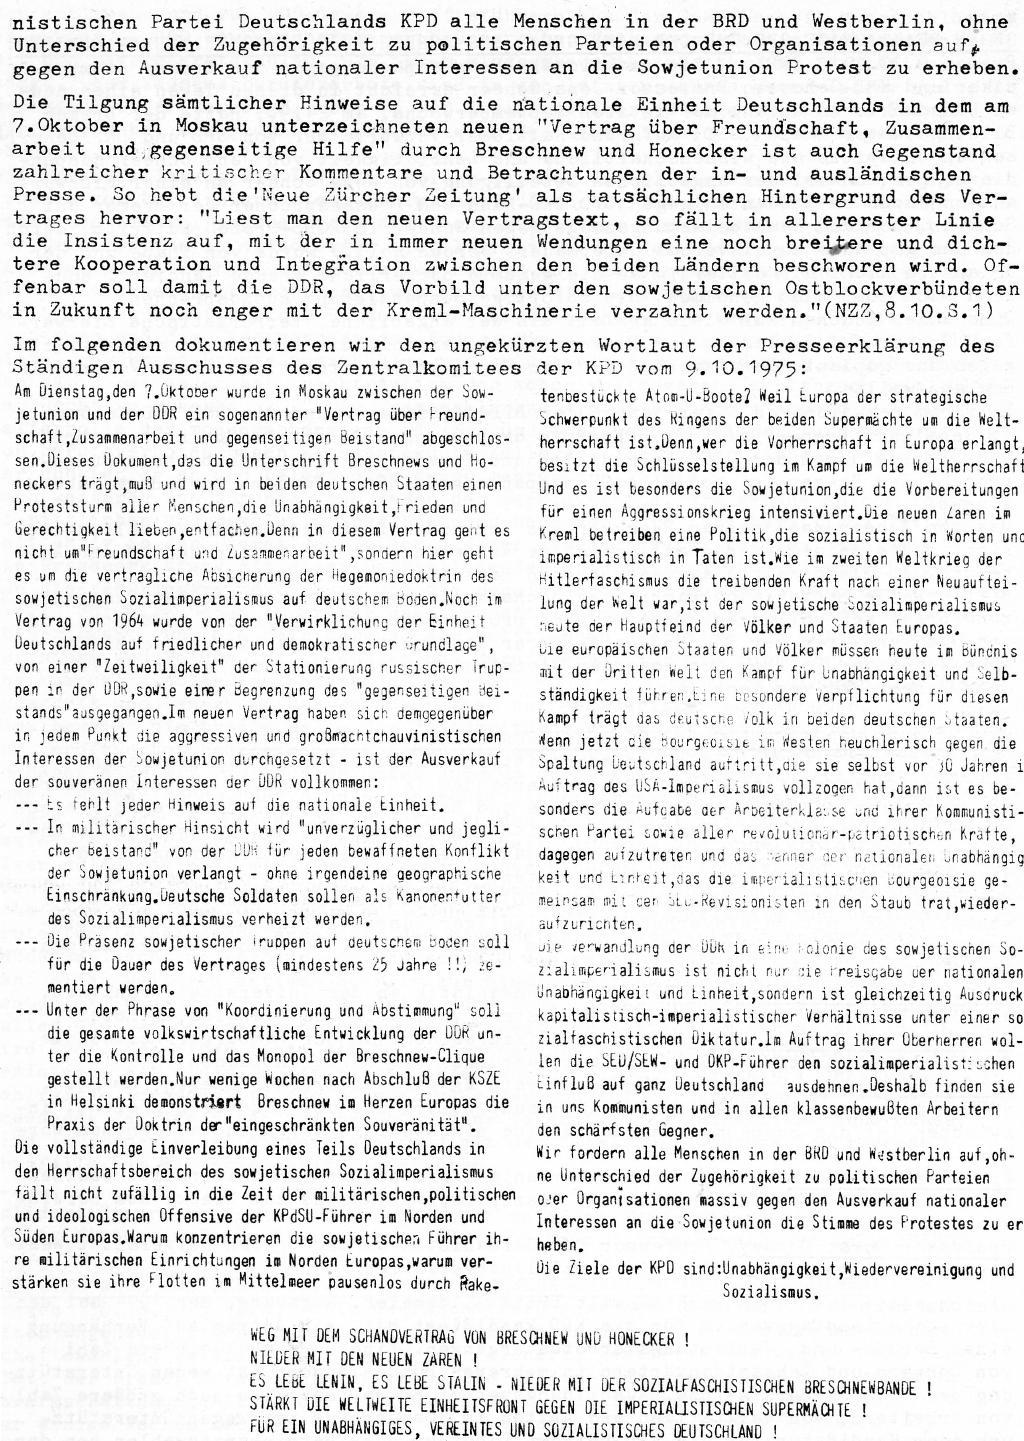 RPK_Pressedienst_1975_47_03